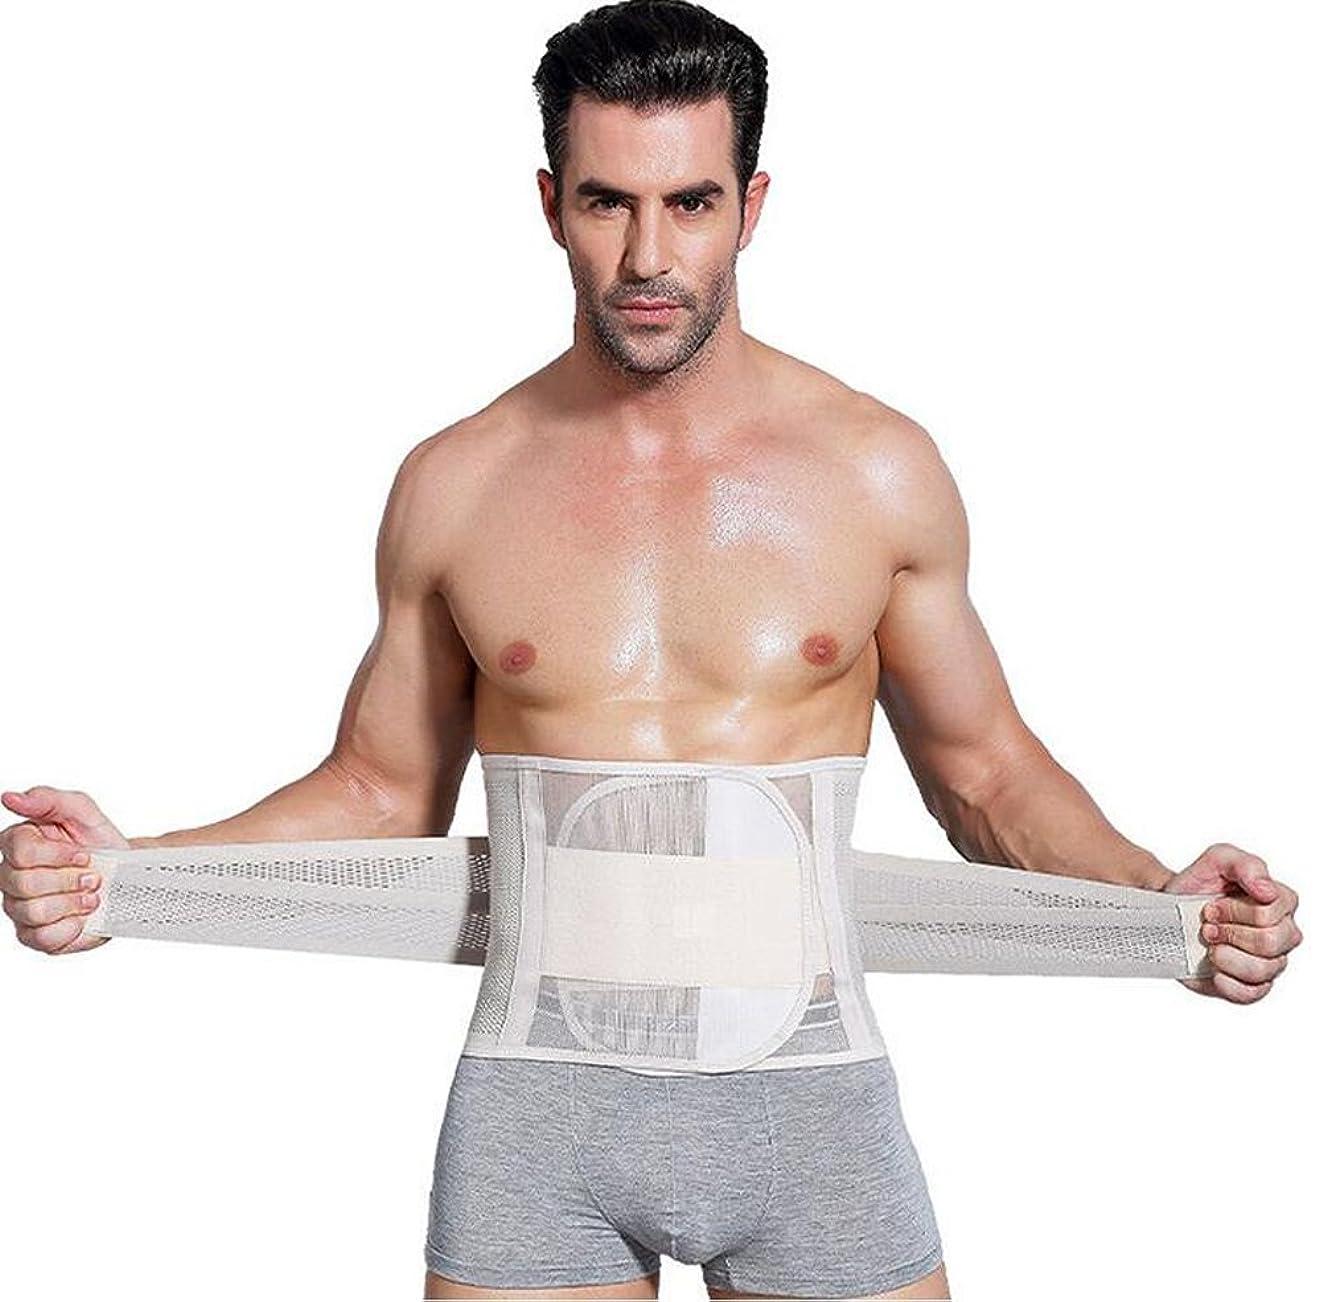 請う中止しますやさしく[RSWHYY] メンズ ウエストトリマーベルト 二重加圧 腰痛予防 腹巻 ダイエットベルト 姿勢矯正